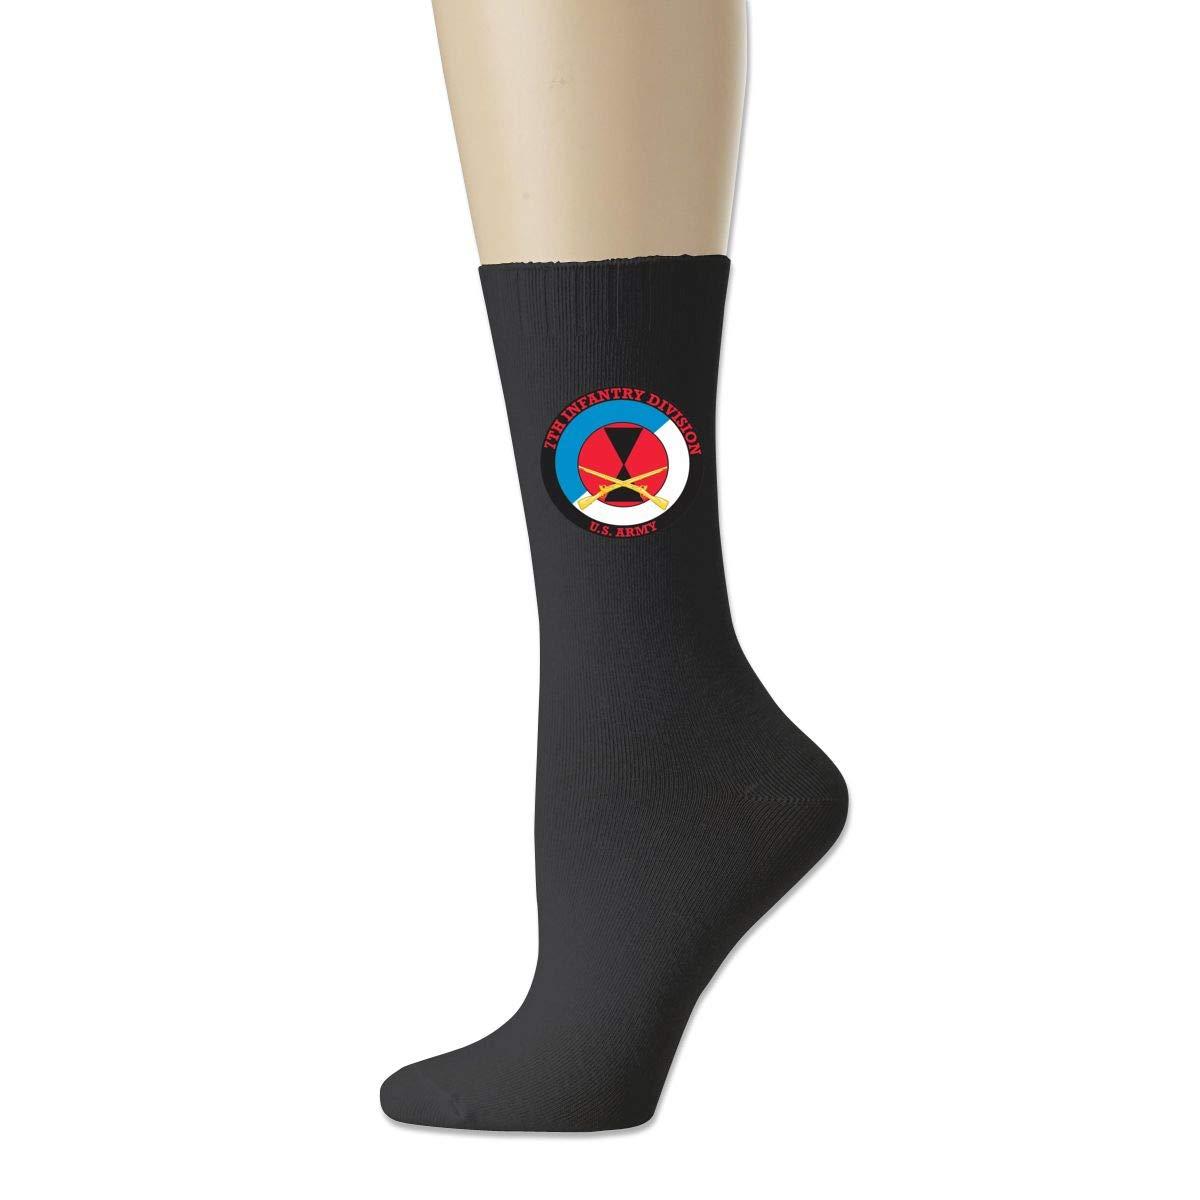 Cotton Crew Bobbysox Ski Socks Unisex Soccer Socks 32nd Infantry Division